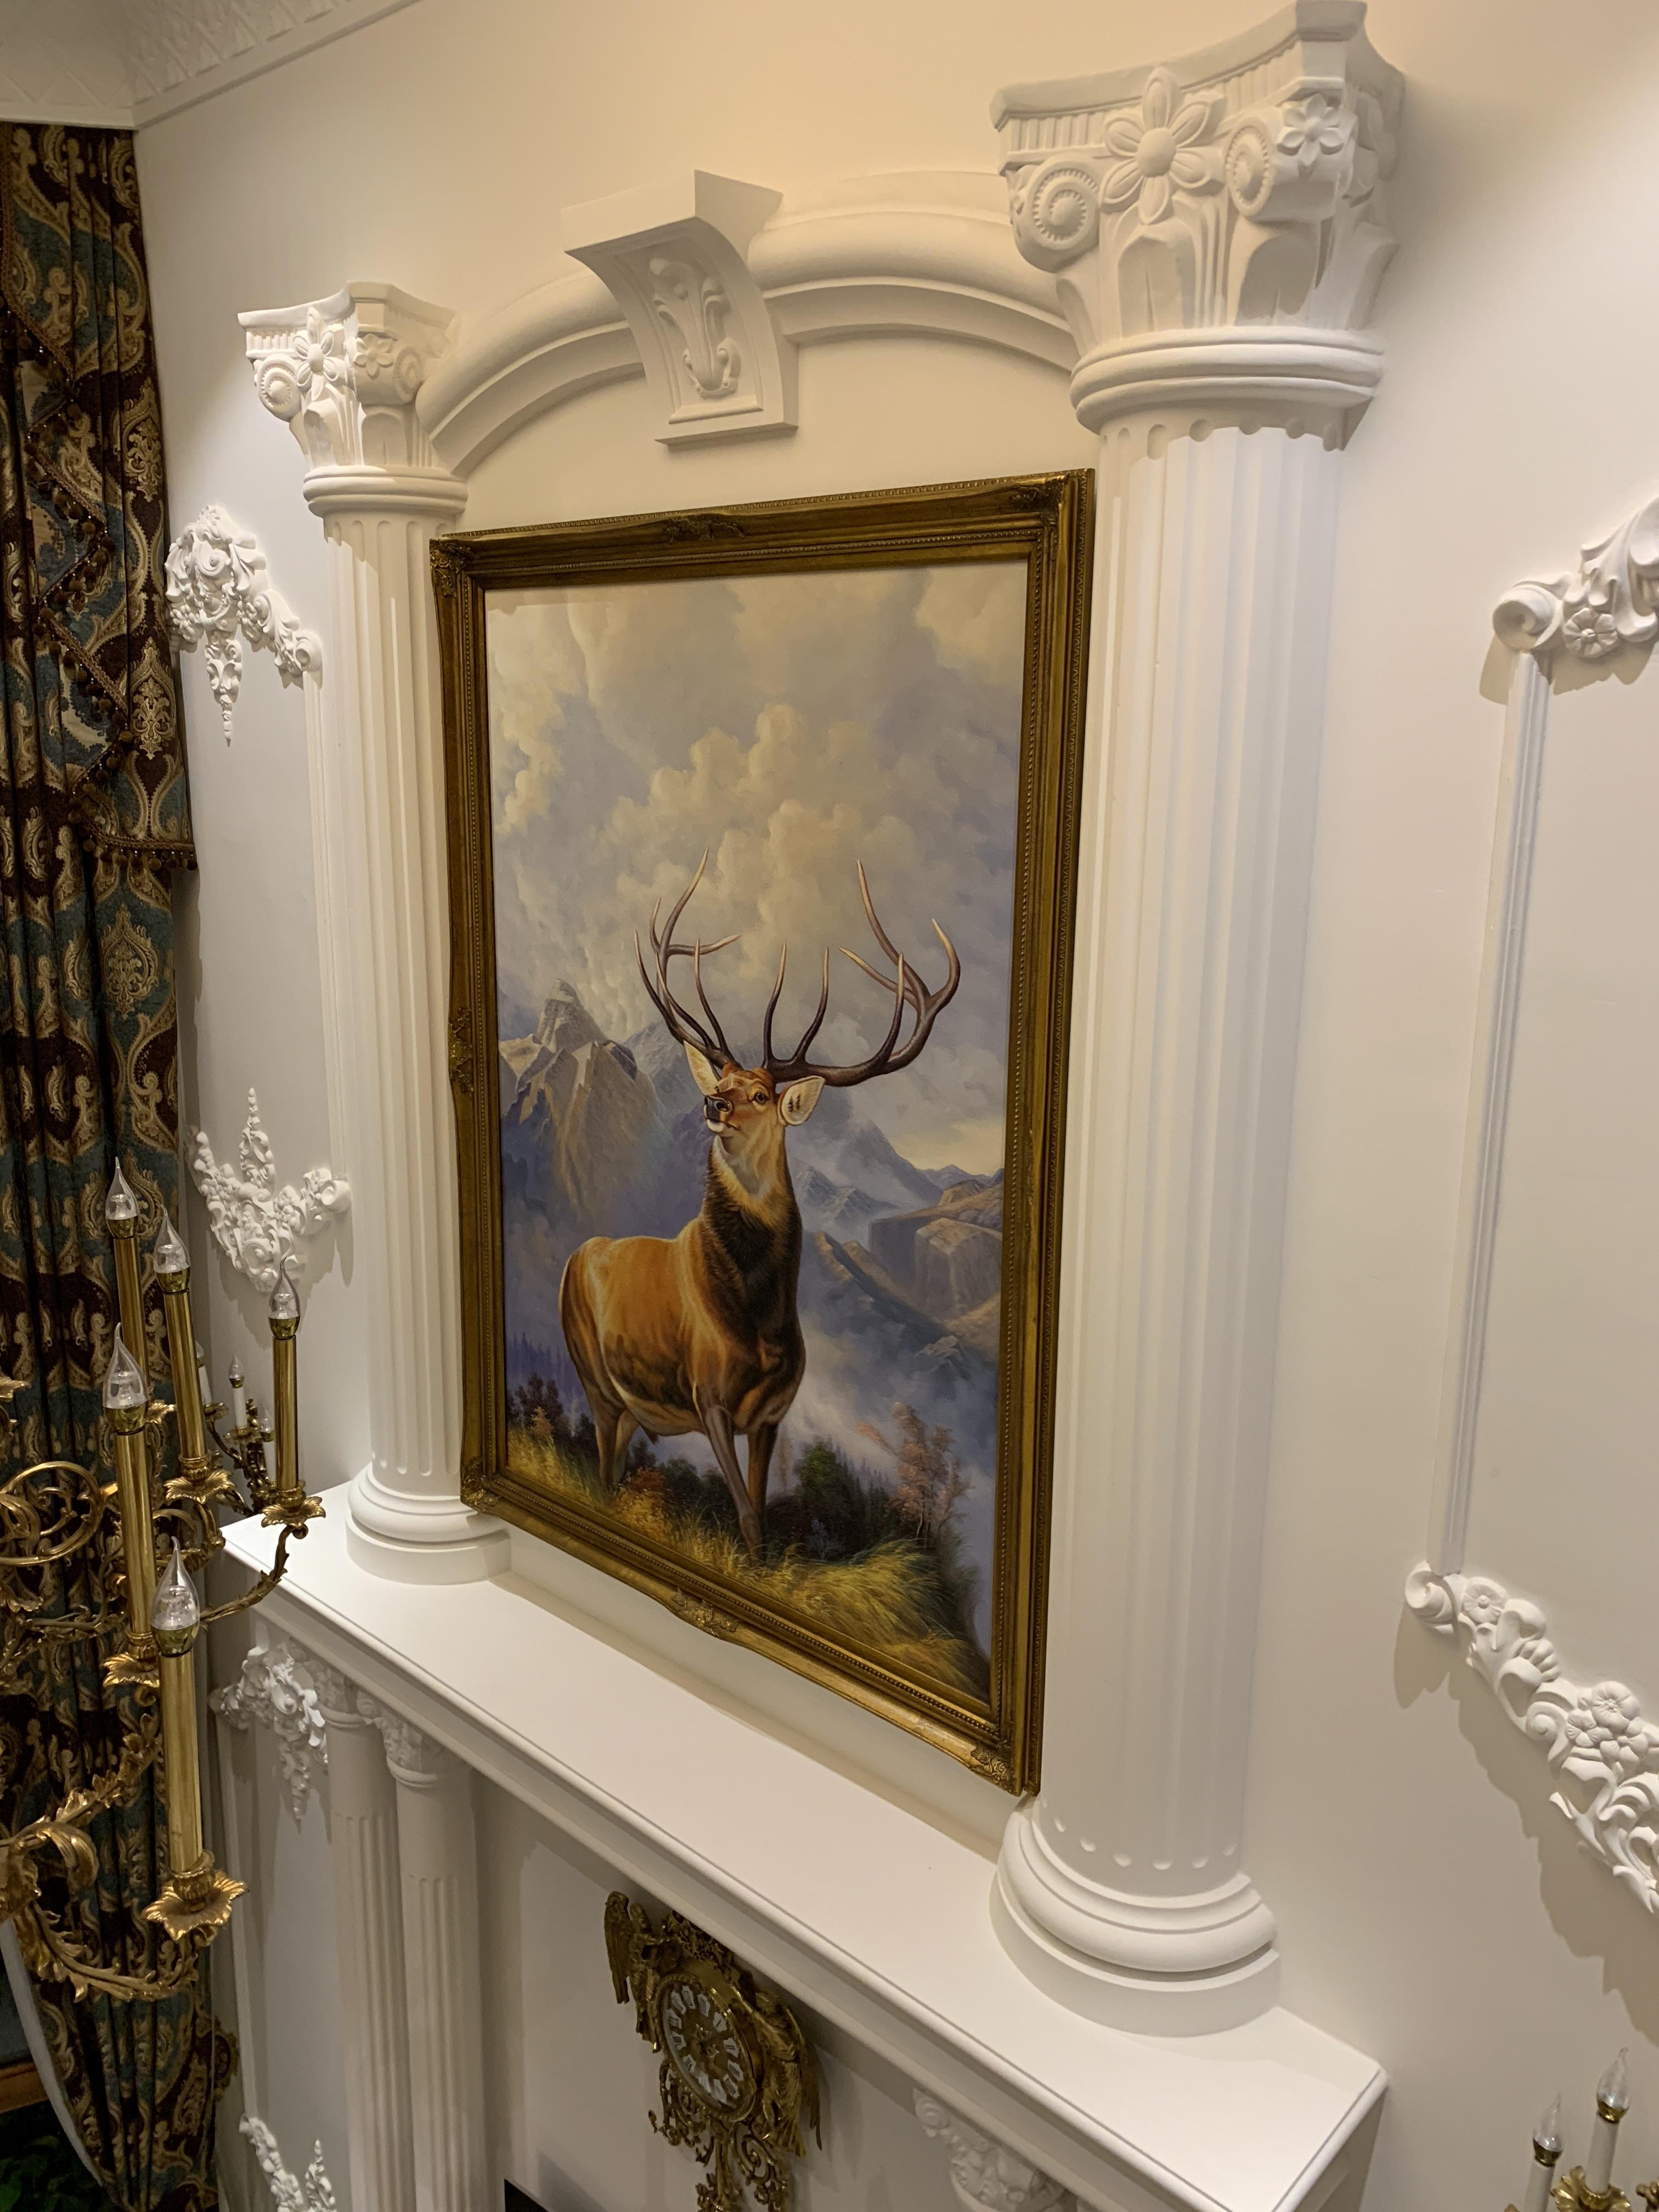 手繪別墅動物油畫中歐式沙發客廳玄關餐廳裝飾掛壁圓形寫實麋鹿88